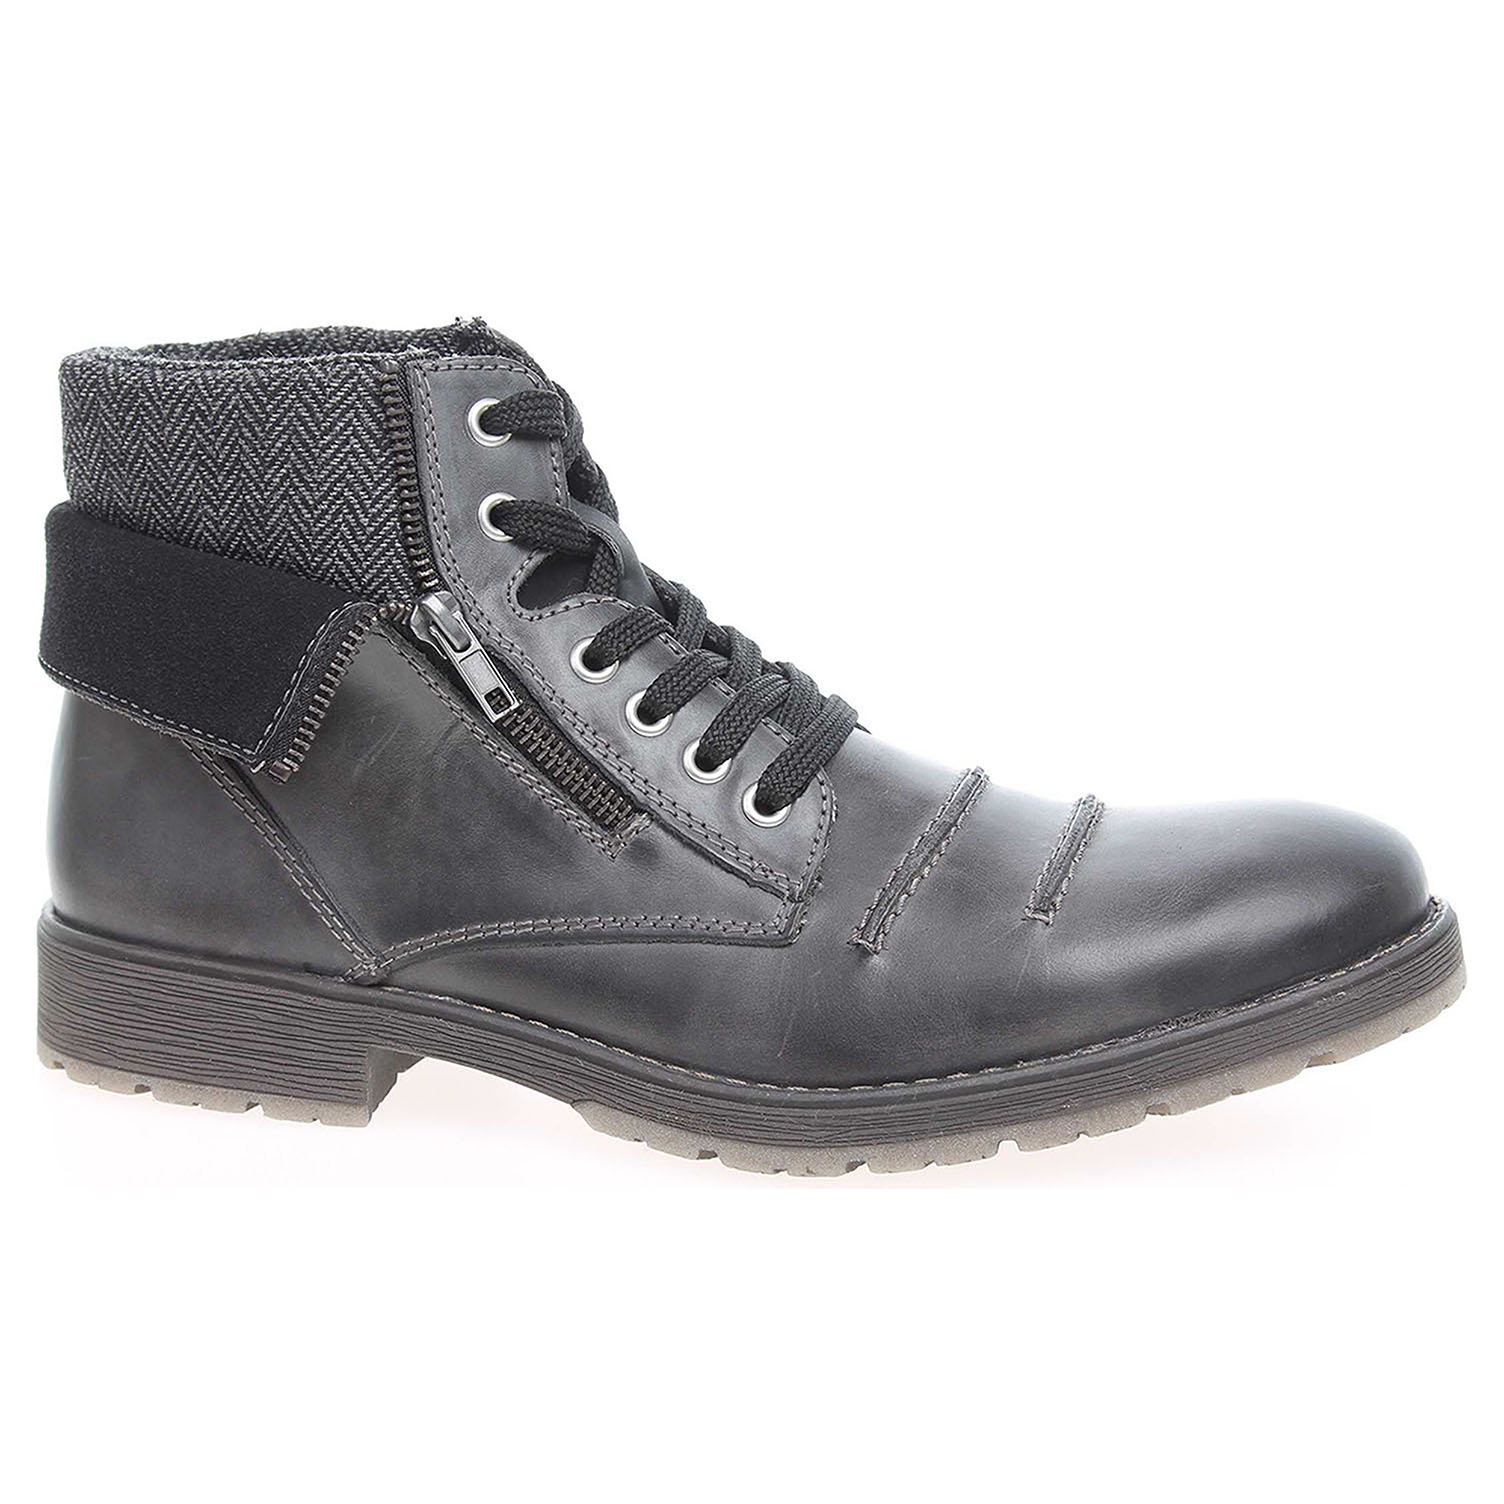 Pánská kotníková obuv Rieker 33312-46 šedé 45